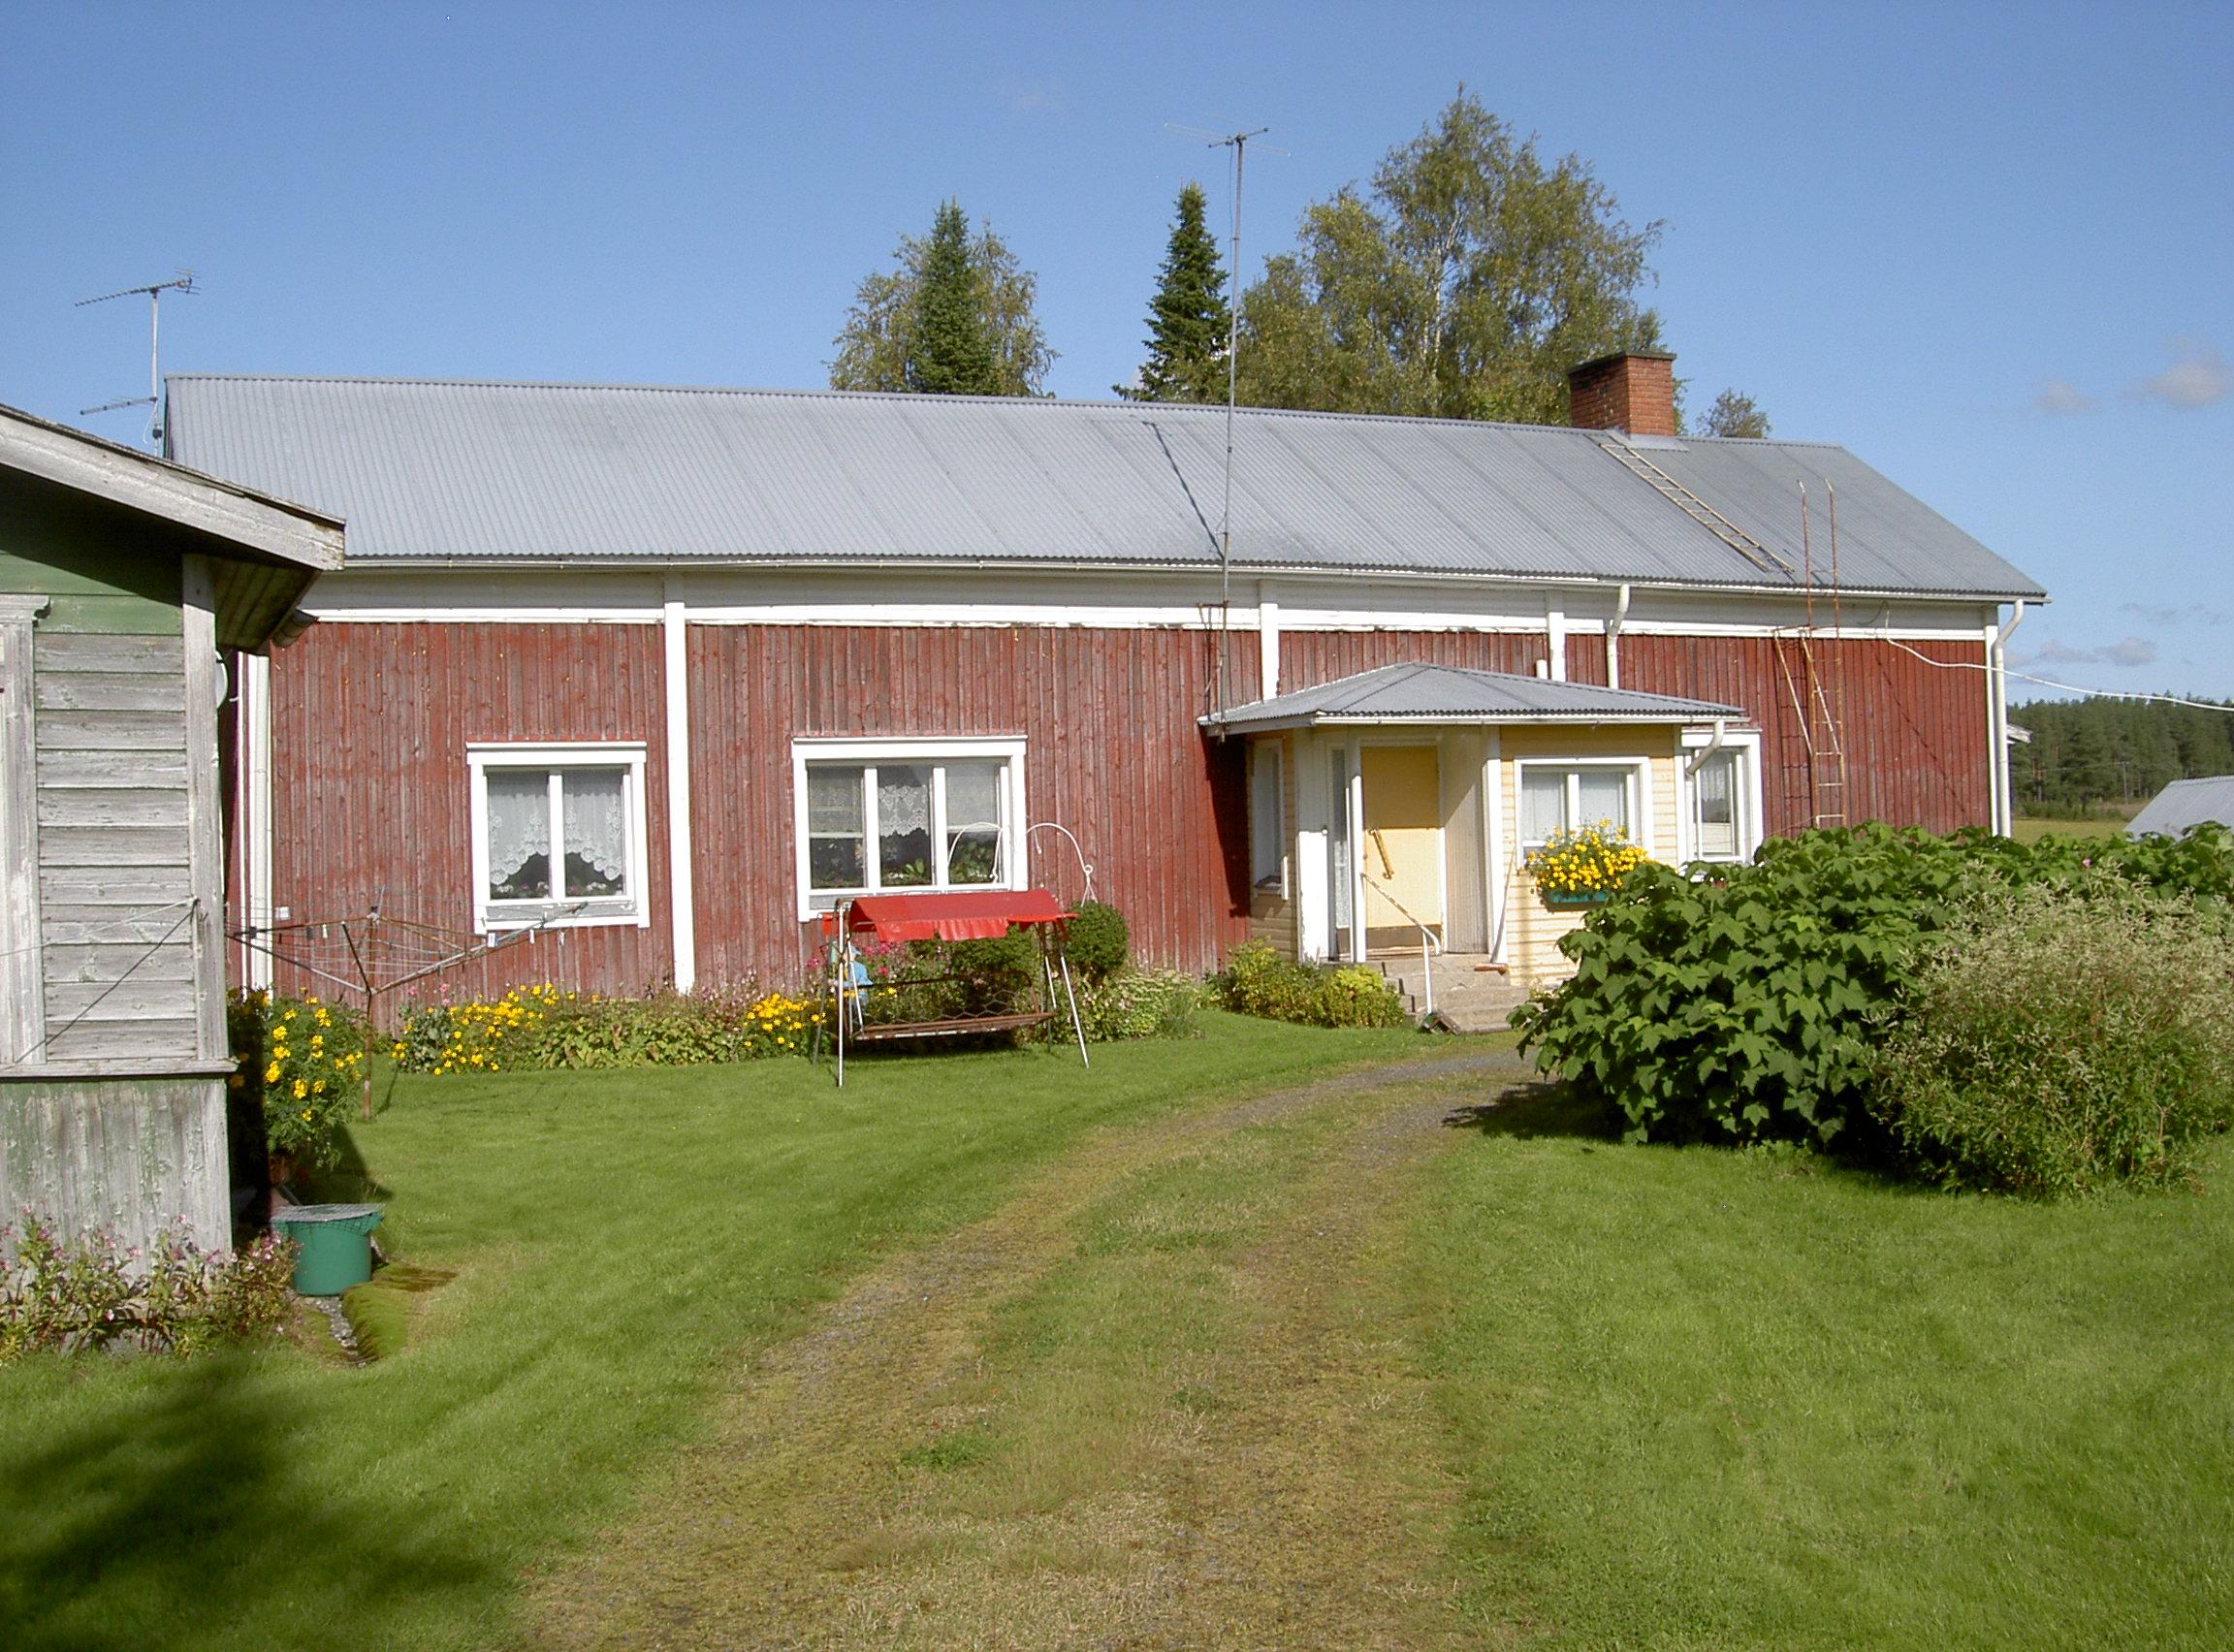 Den här gården på Korsbäckvägen 416 byggdes omkring 1911 och har efter det renoverats flera gånger. Fotot från 2017.